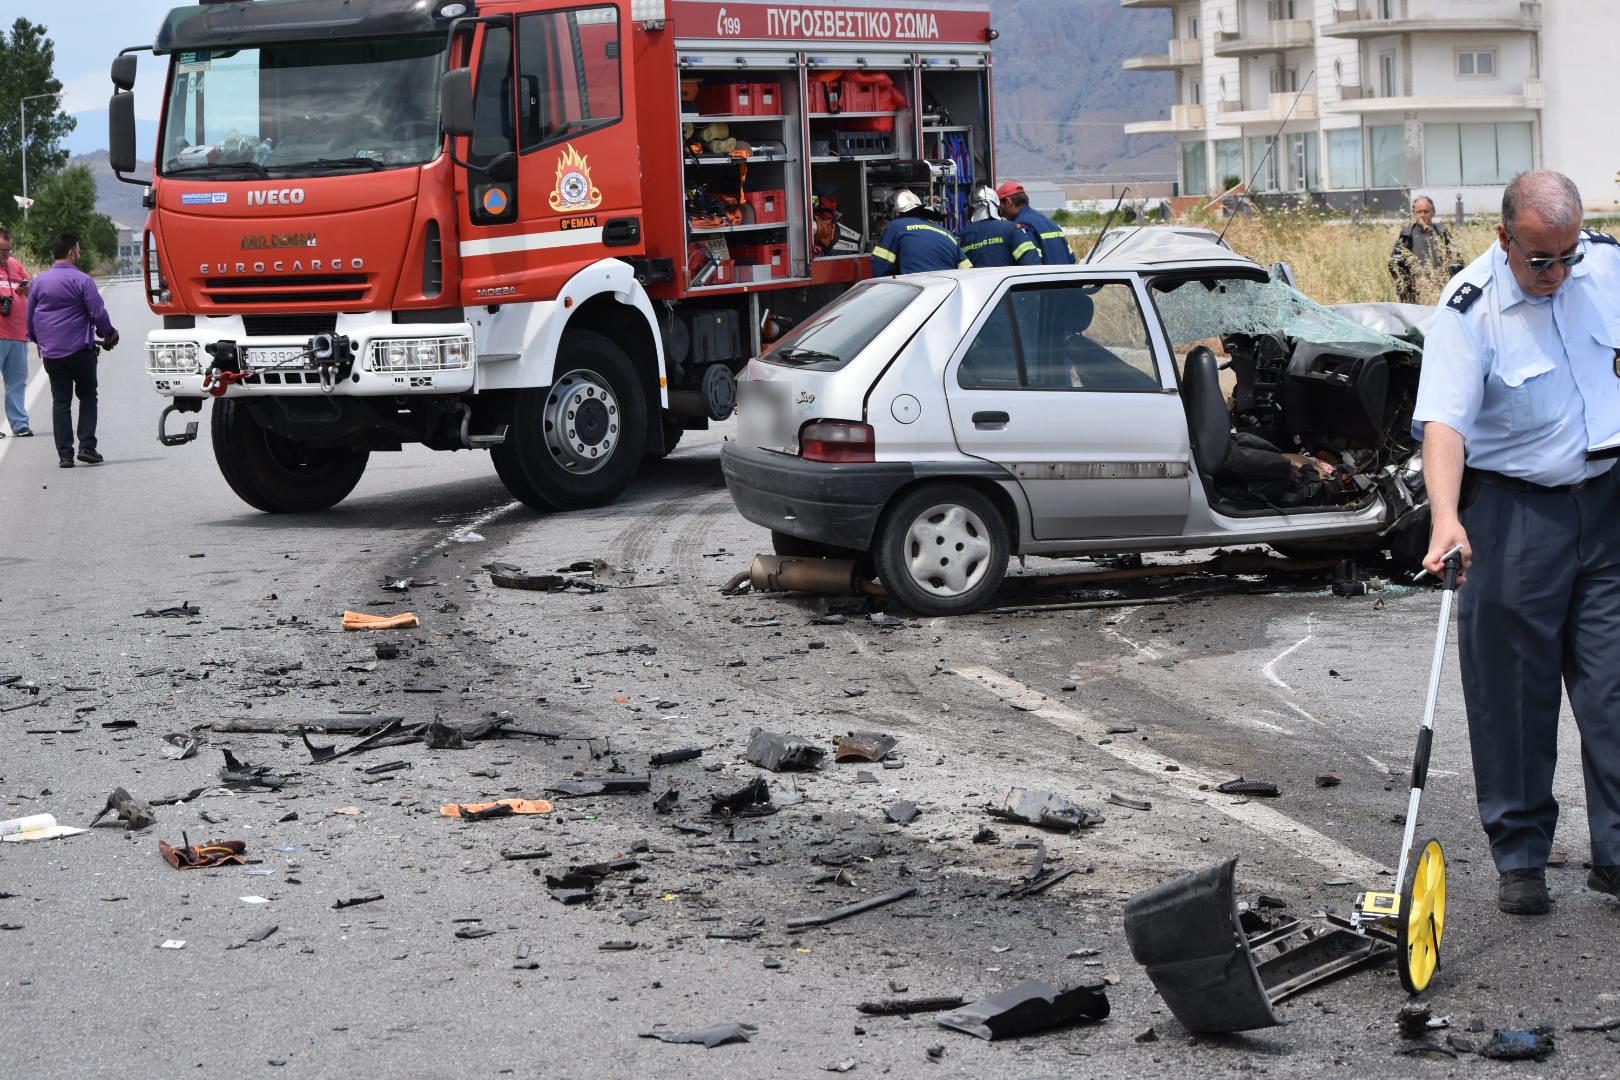 Αυτός είναι ο άτυχος 44χρονος που σκοτώθηκε χθες σε τροχαίο στον δρόμο Λάρισας – Αγιάς